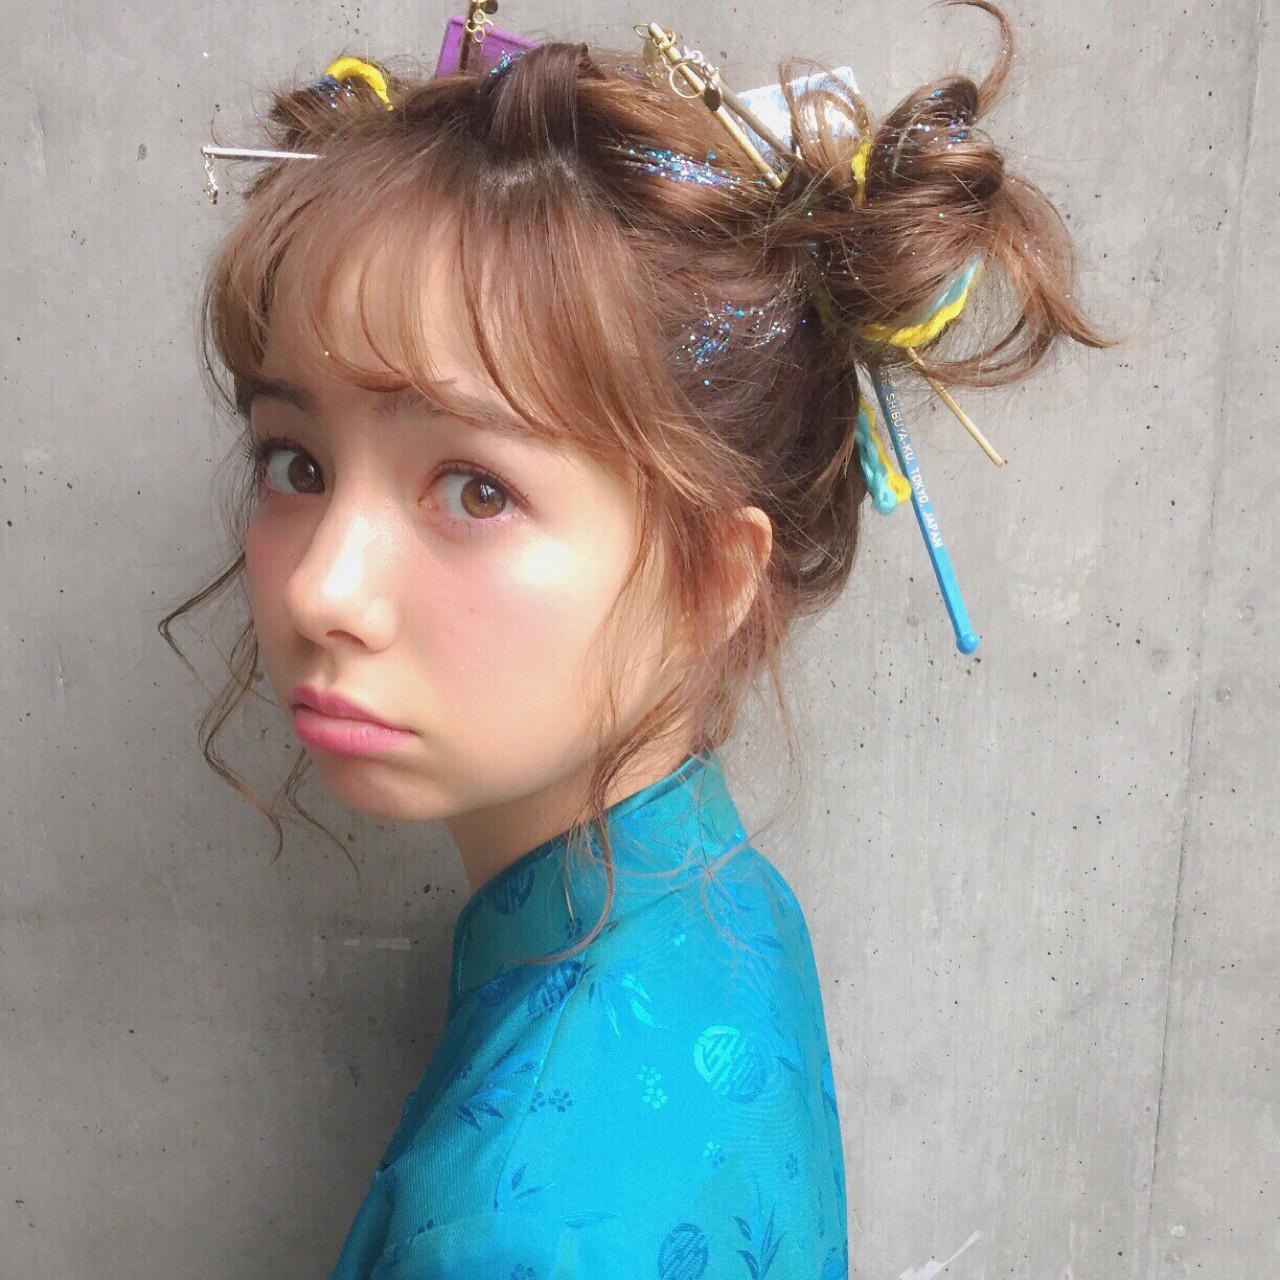 ピュア ショート ミディアム 簡単ヘアアレンジ ヘアスタイルや髪型の写真・画像